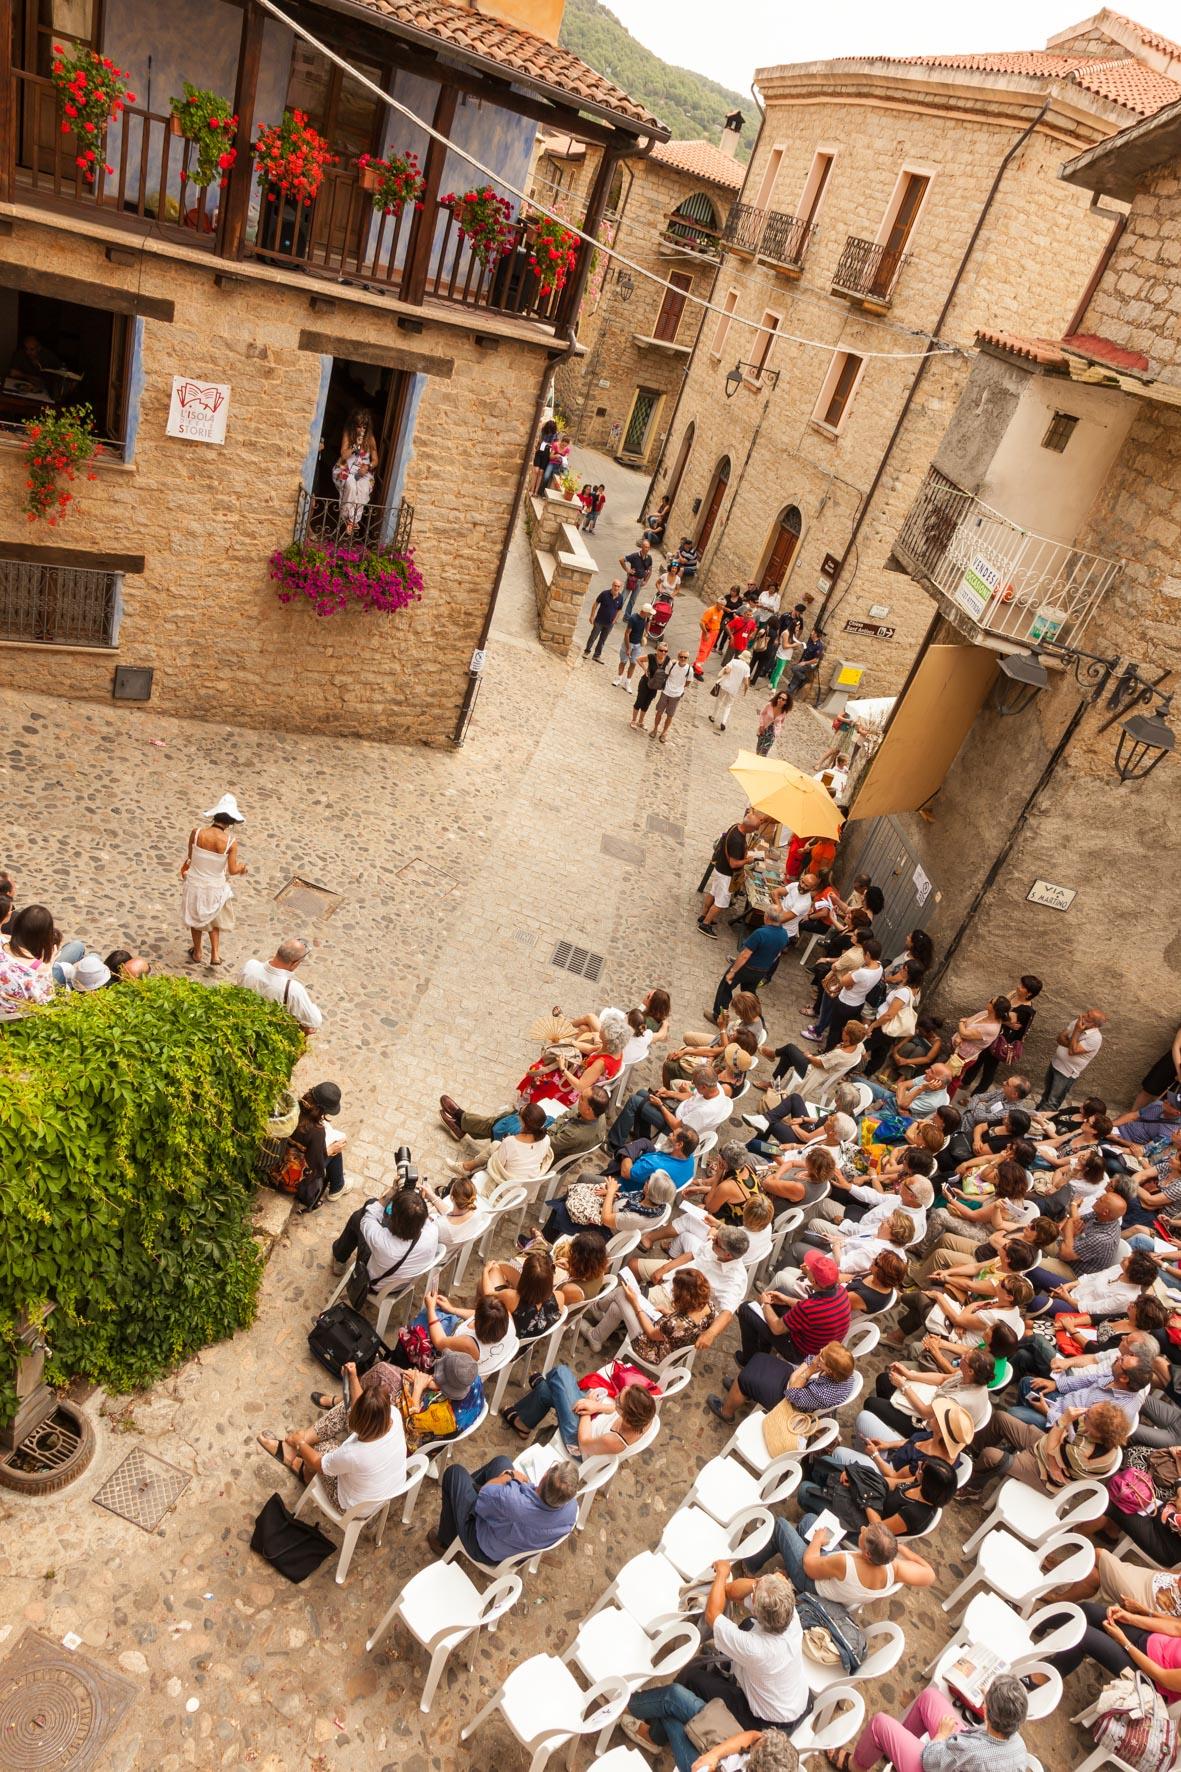 Festival Letterario della Sardegna a Gavoi chiesa. Festival Letterario di Gavoi dal 2 al 5 luglio 2015. Preludio il 13 e il 14 giugno 2015.